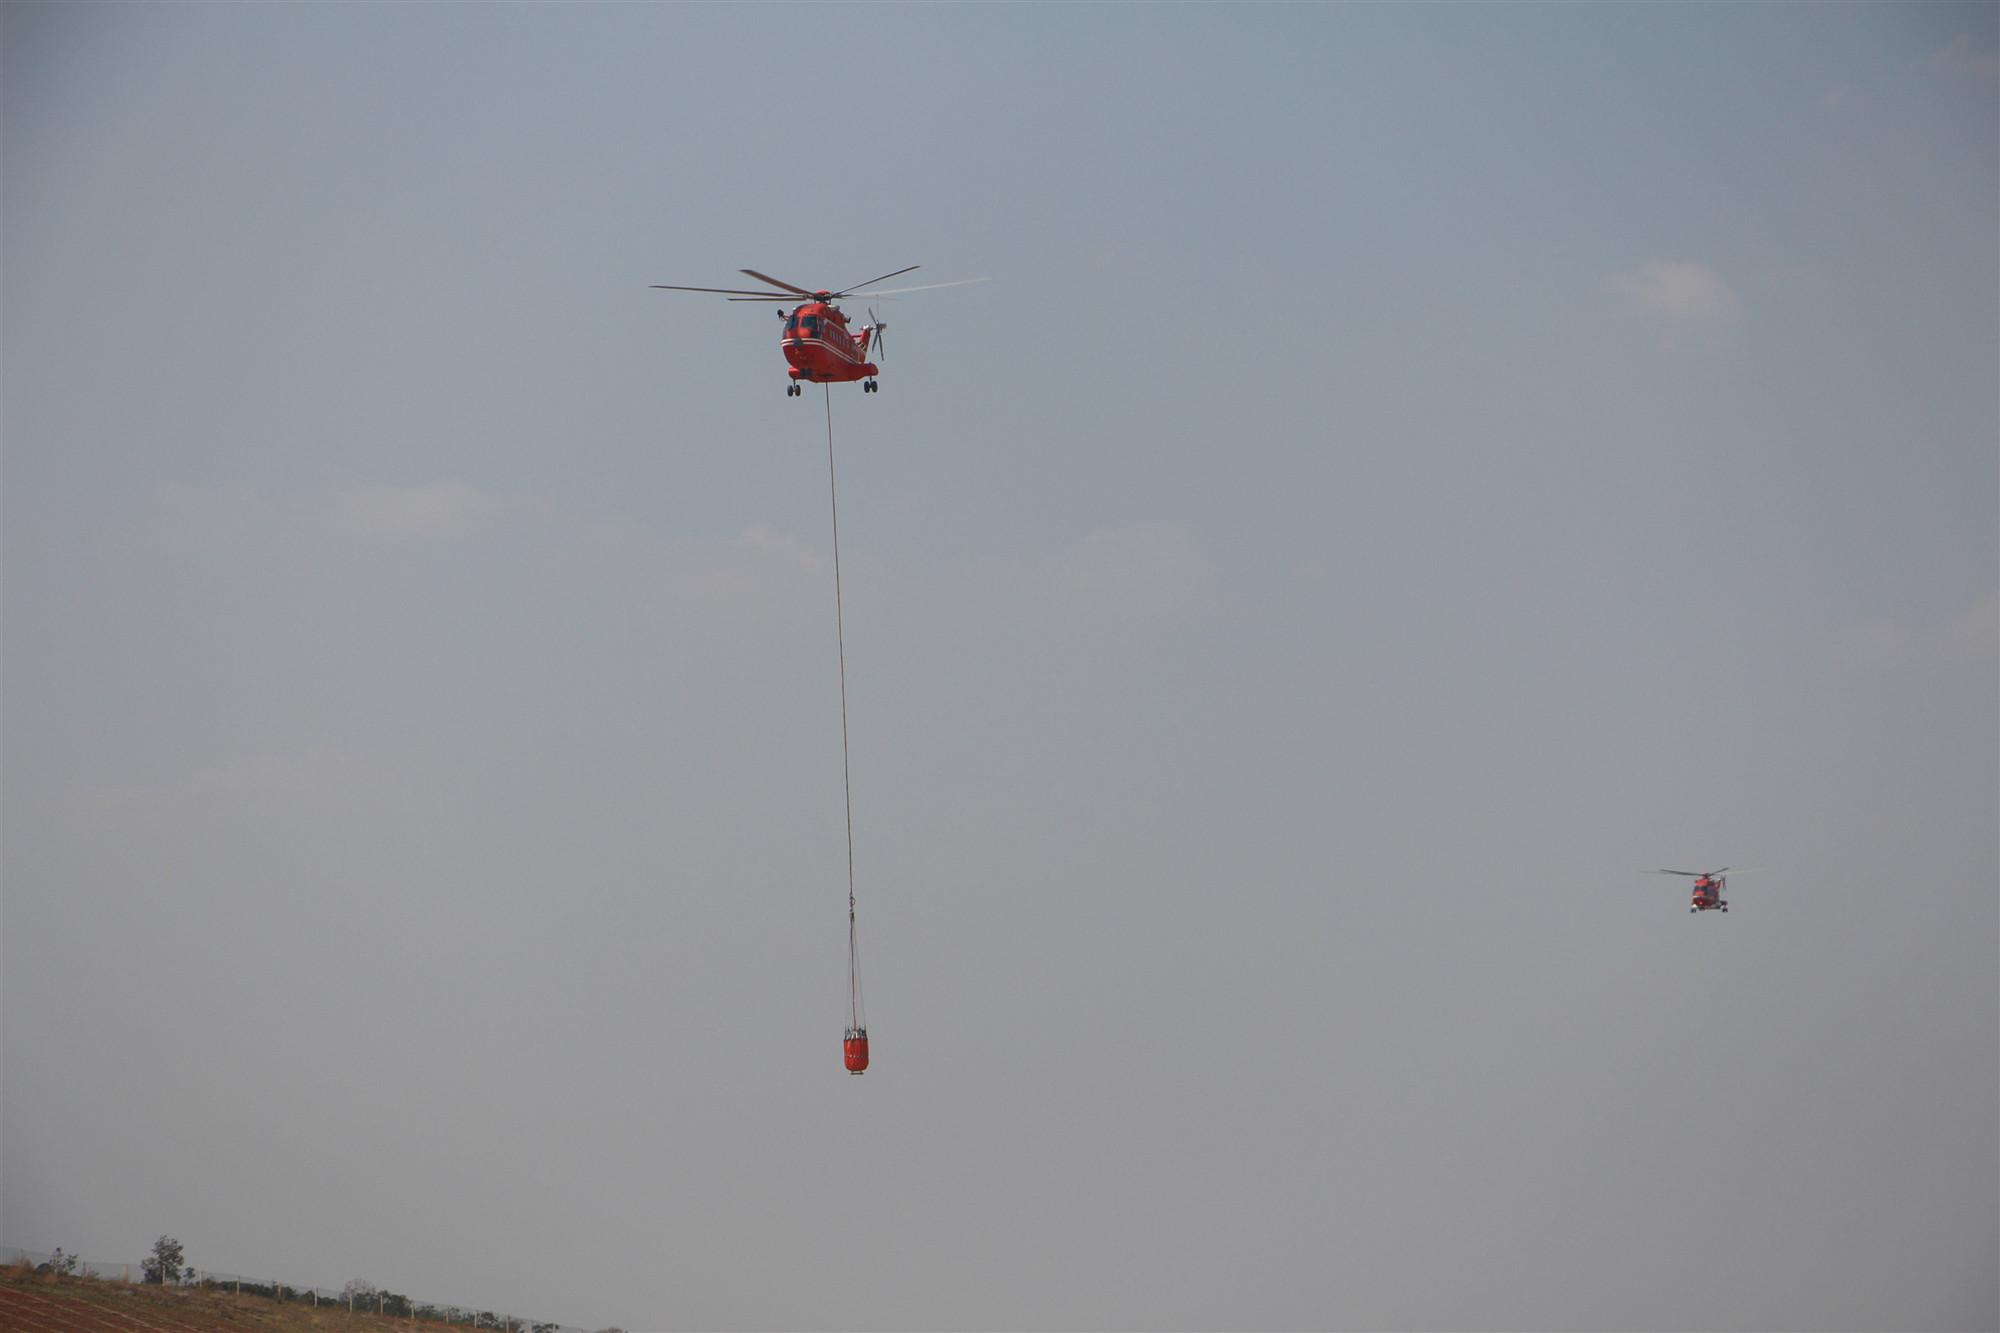 应急管理部森林消防局直升机支队飞行二大队开展灭火训练。(徐辉 摄)